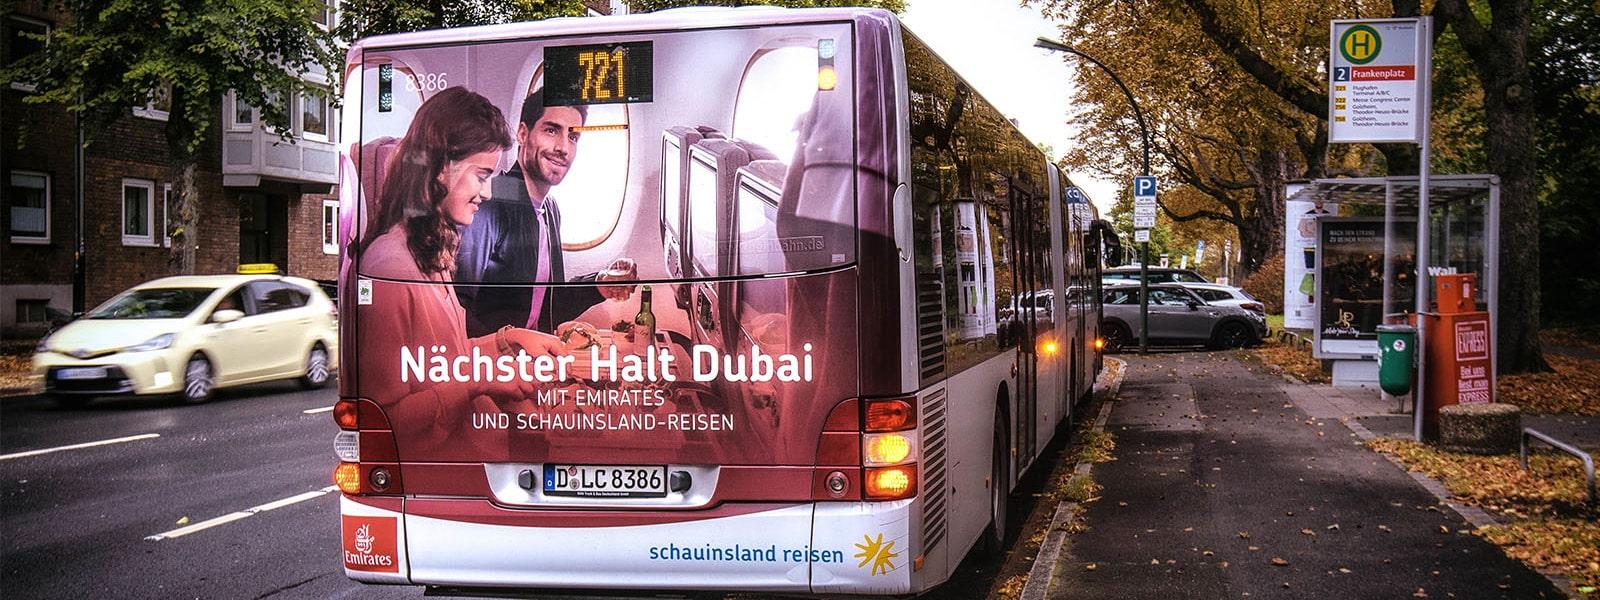 Remscheid-Verkehrsmittelwerbung-Bus-Heckflaechenwerbung